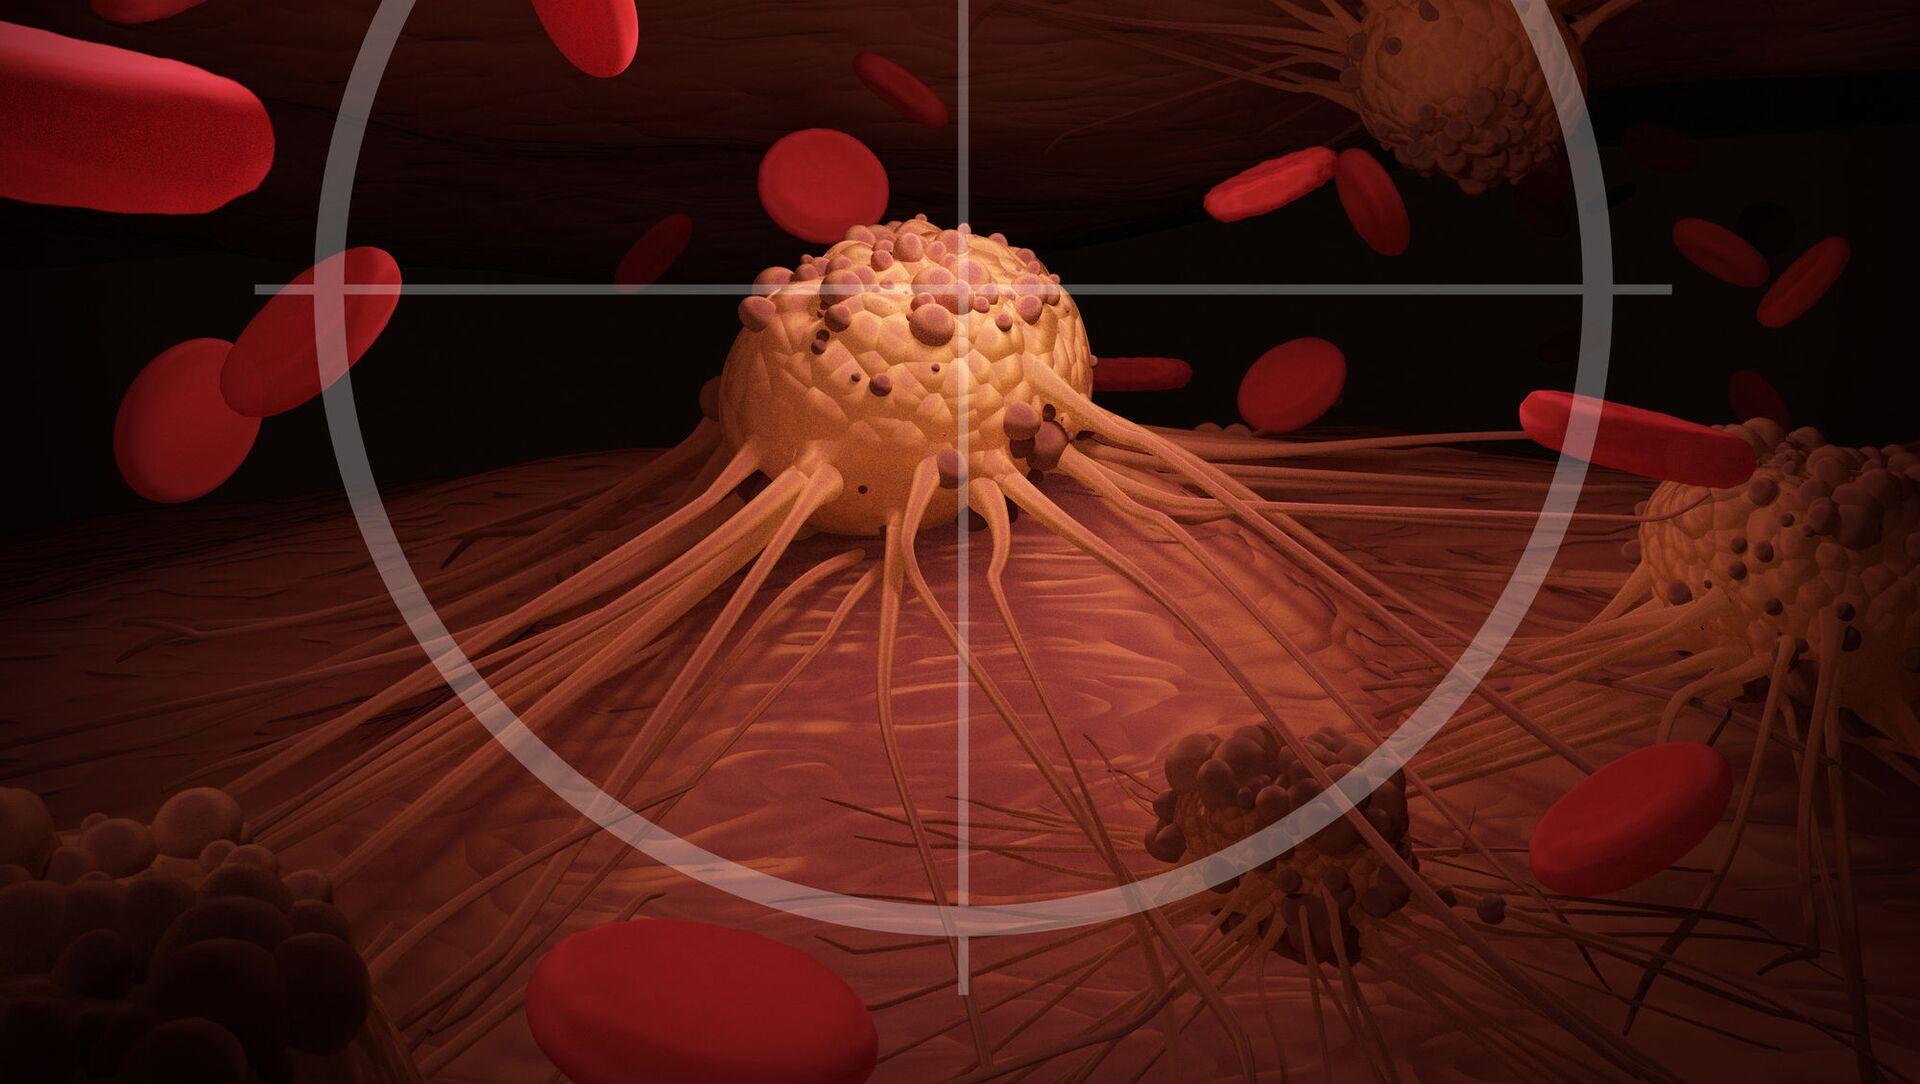 Le cellule cancerose - Sputnik Italia, 1920, 03.03.2021